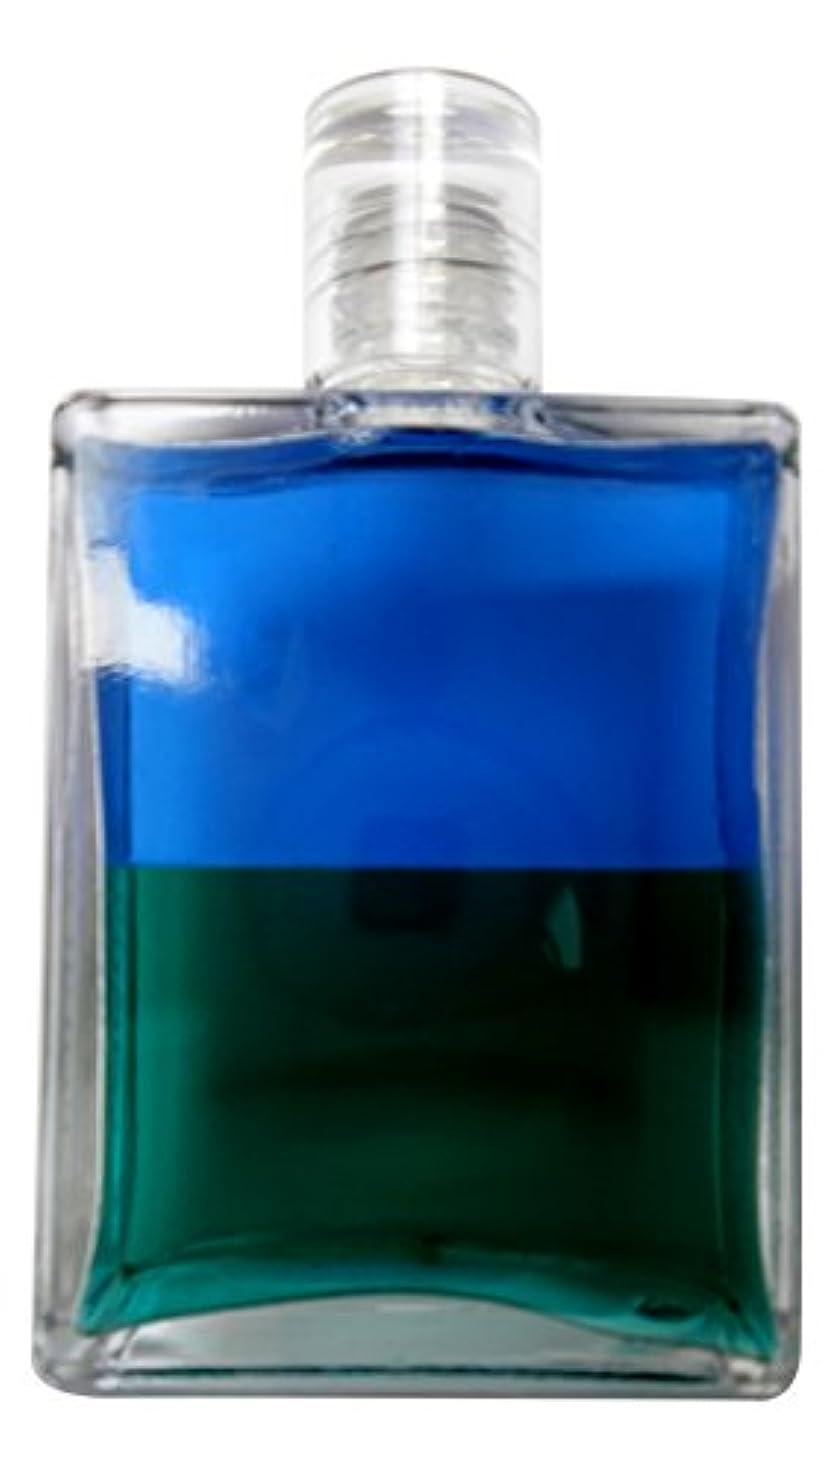 数学反抗苦しめるB3アトランティアン/ハートボトル オーラーソーマ イクイリブリアムボトル